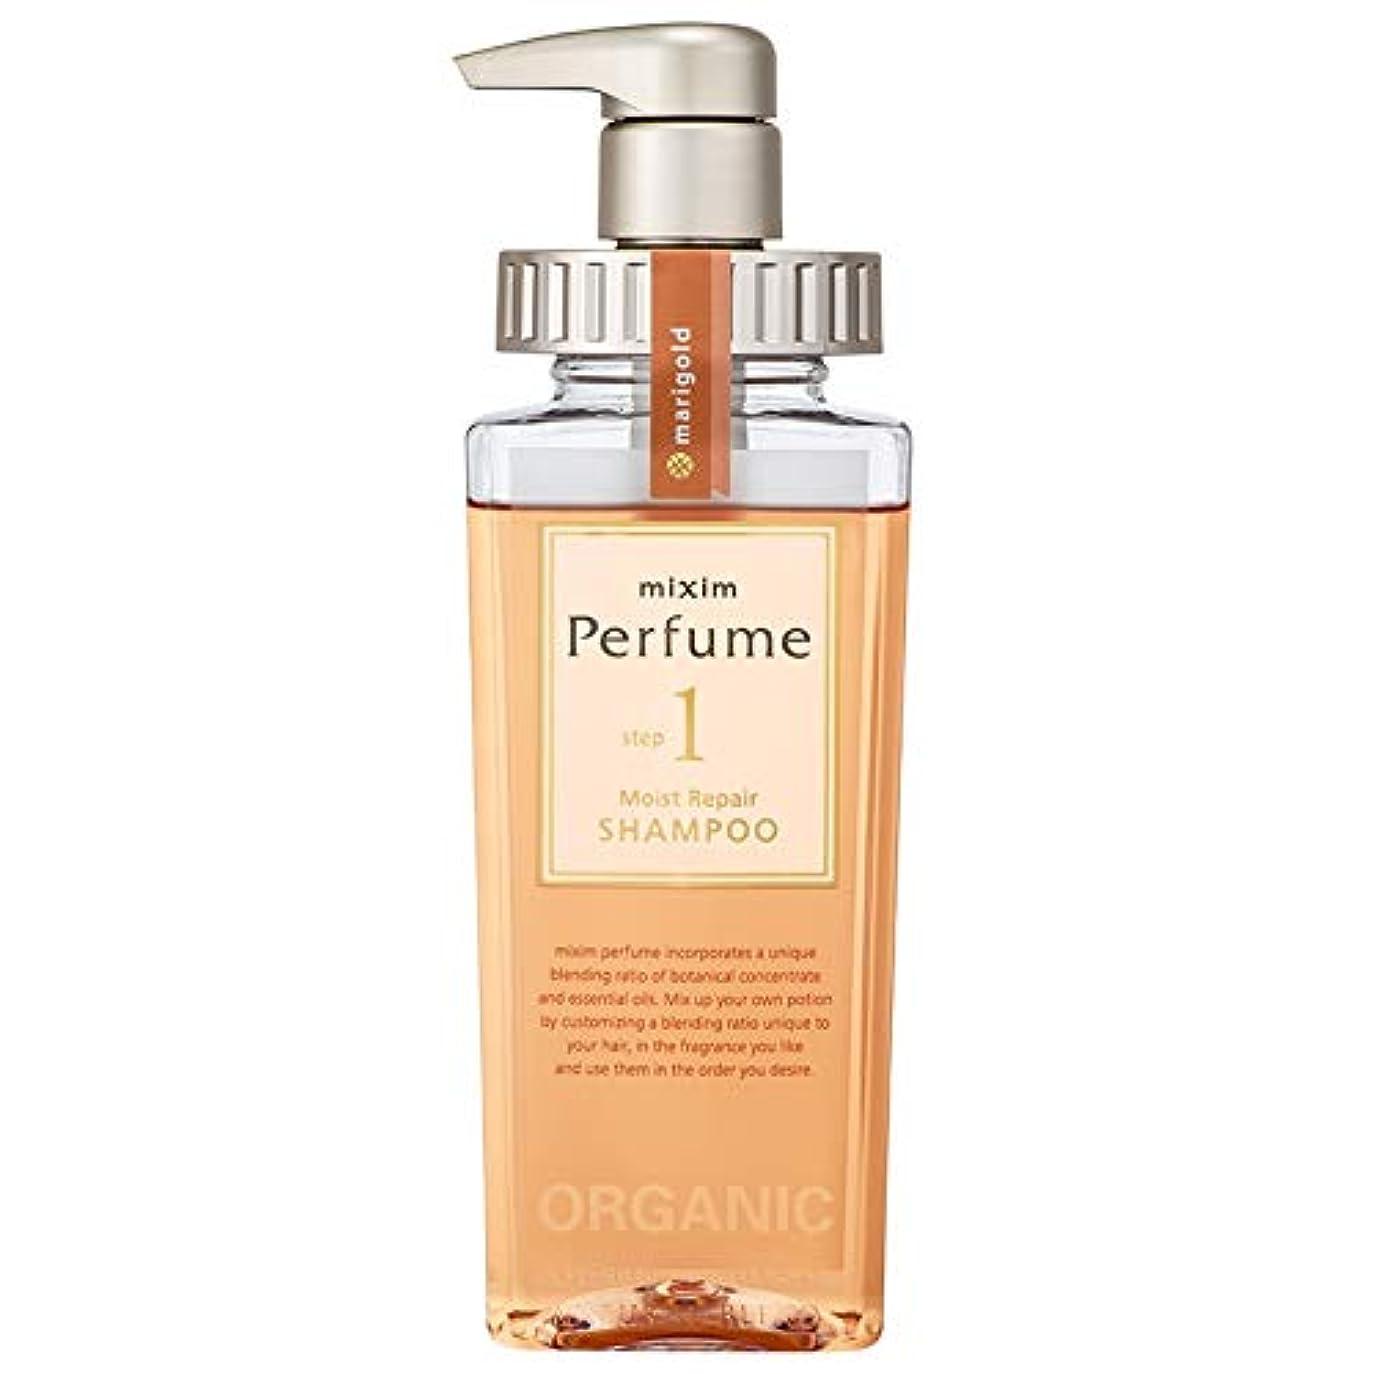 ドキドキとても多くのチャンバーmixim Perfume(ミクシムパフューム) モイストリペア シャンプー 440mL